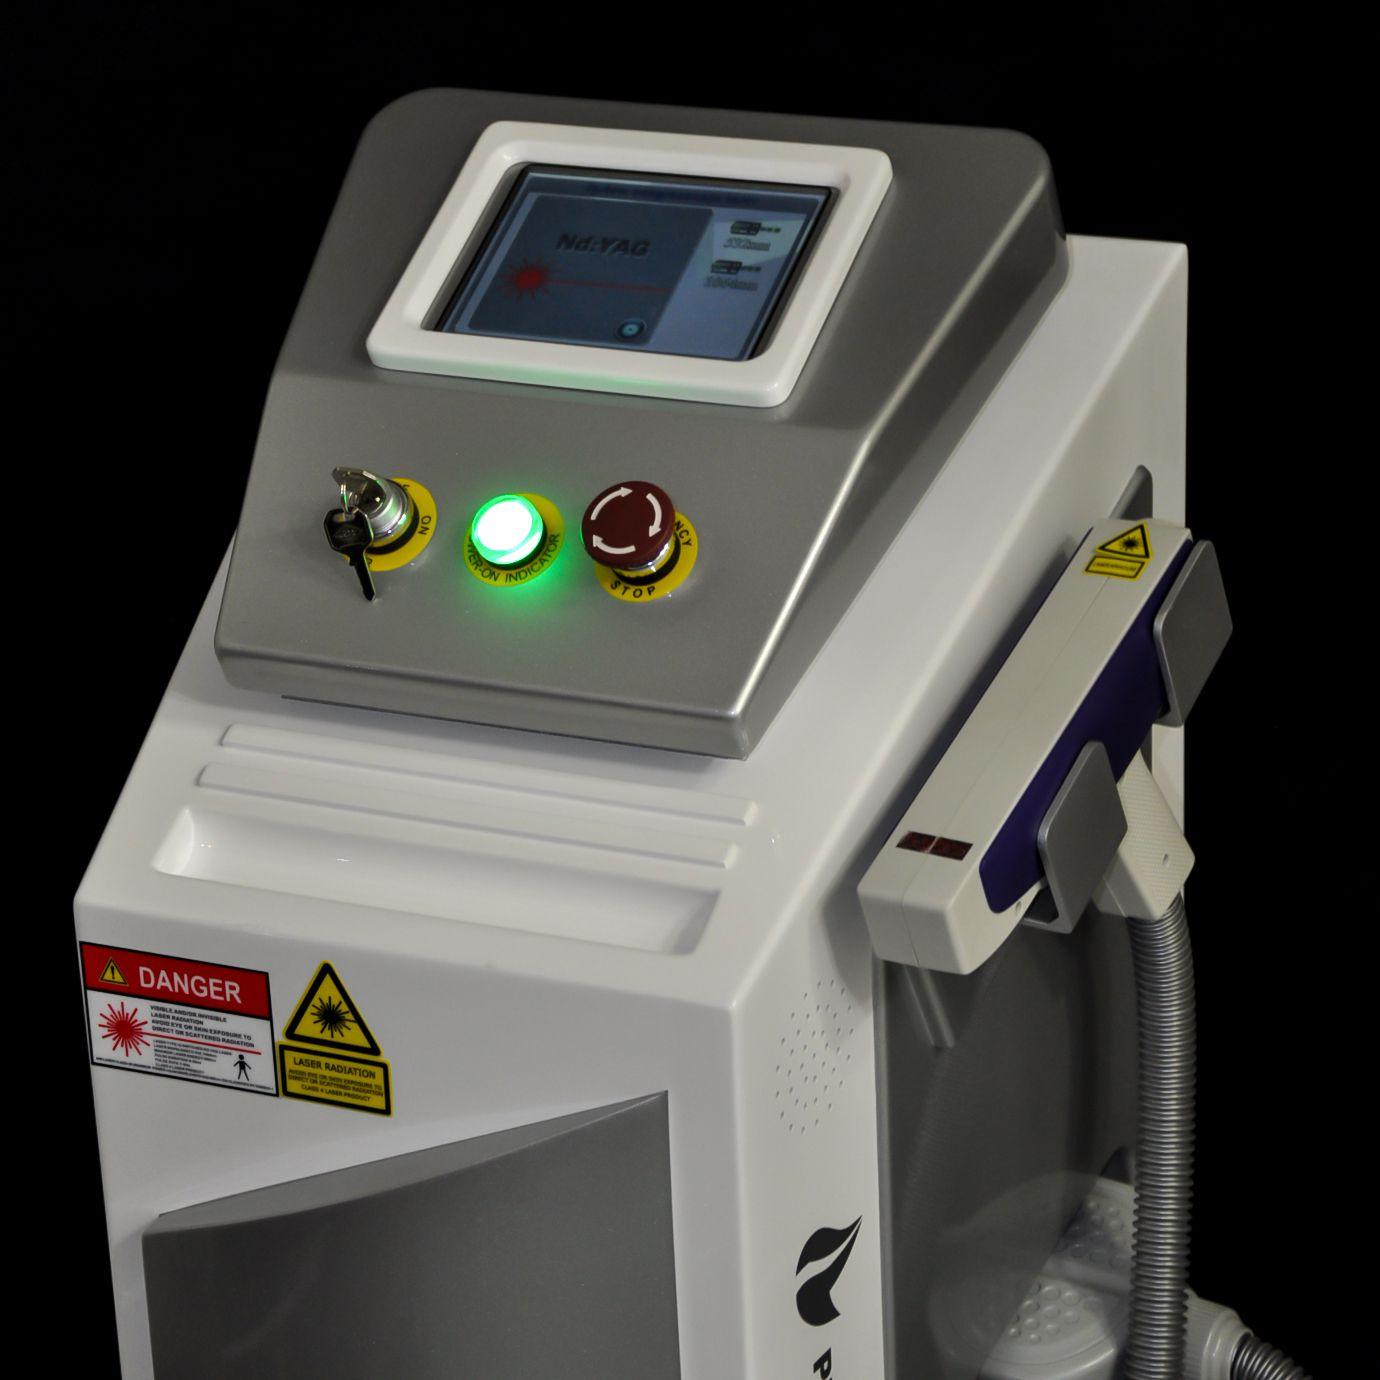 Laser-Tätowierungsentfernung